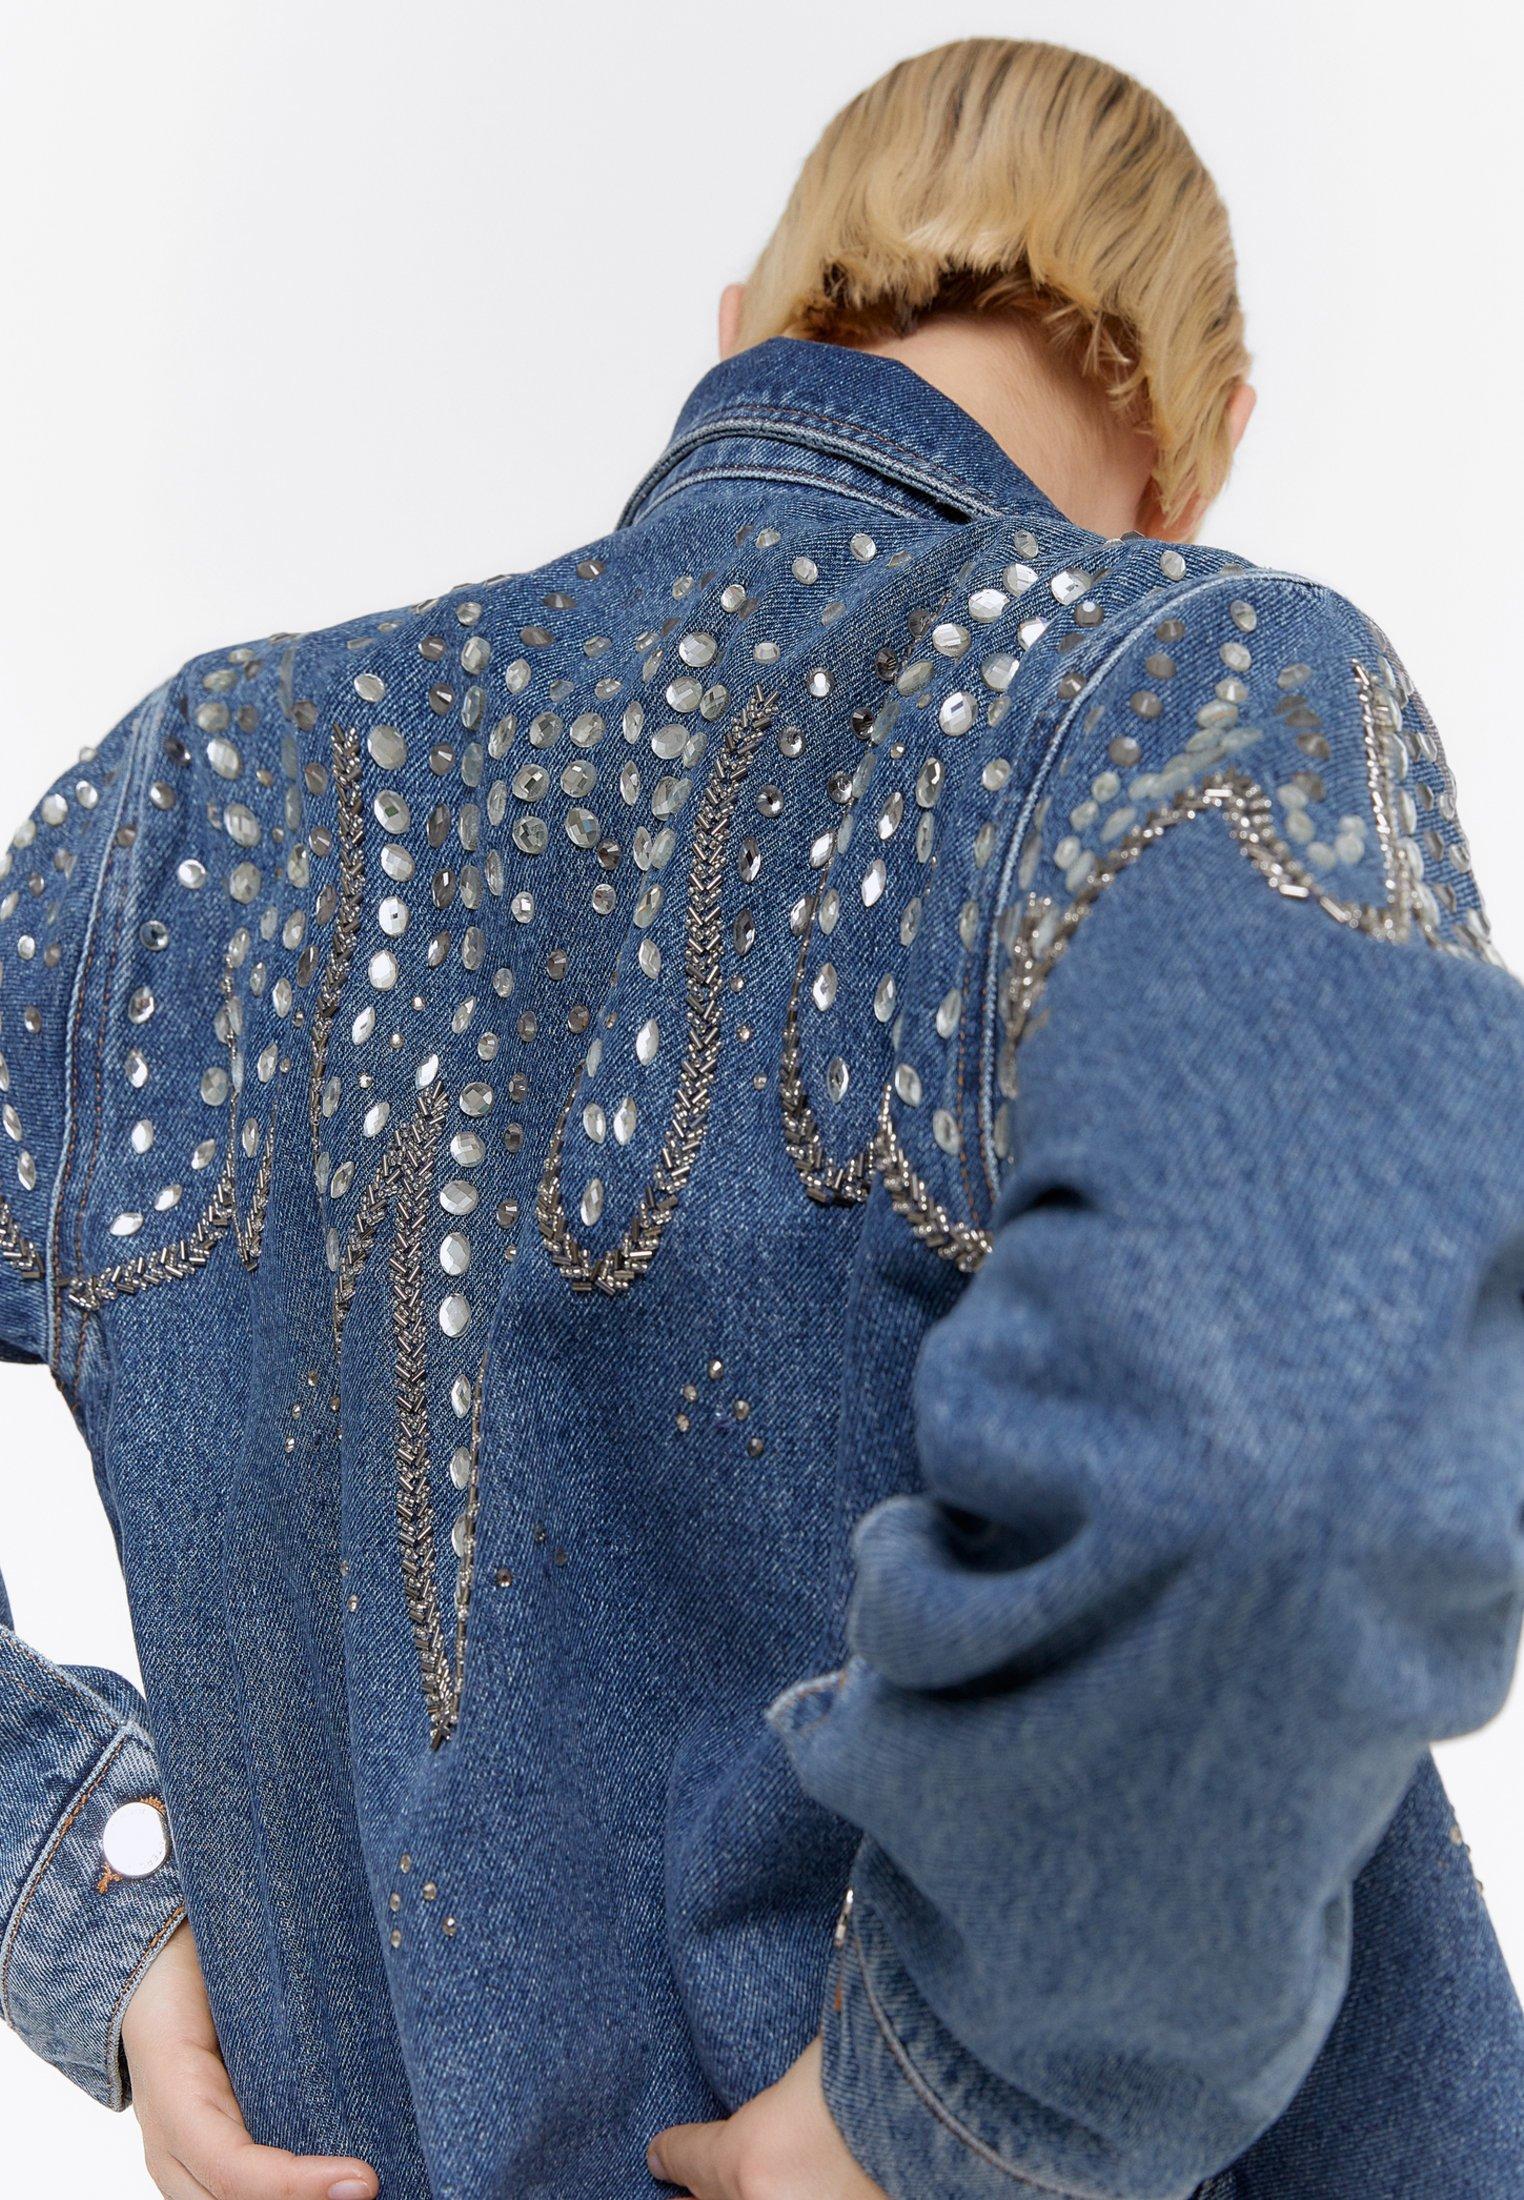 Uterqᄄᄍe Mit Stickereien - Spijkerjas Blue